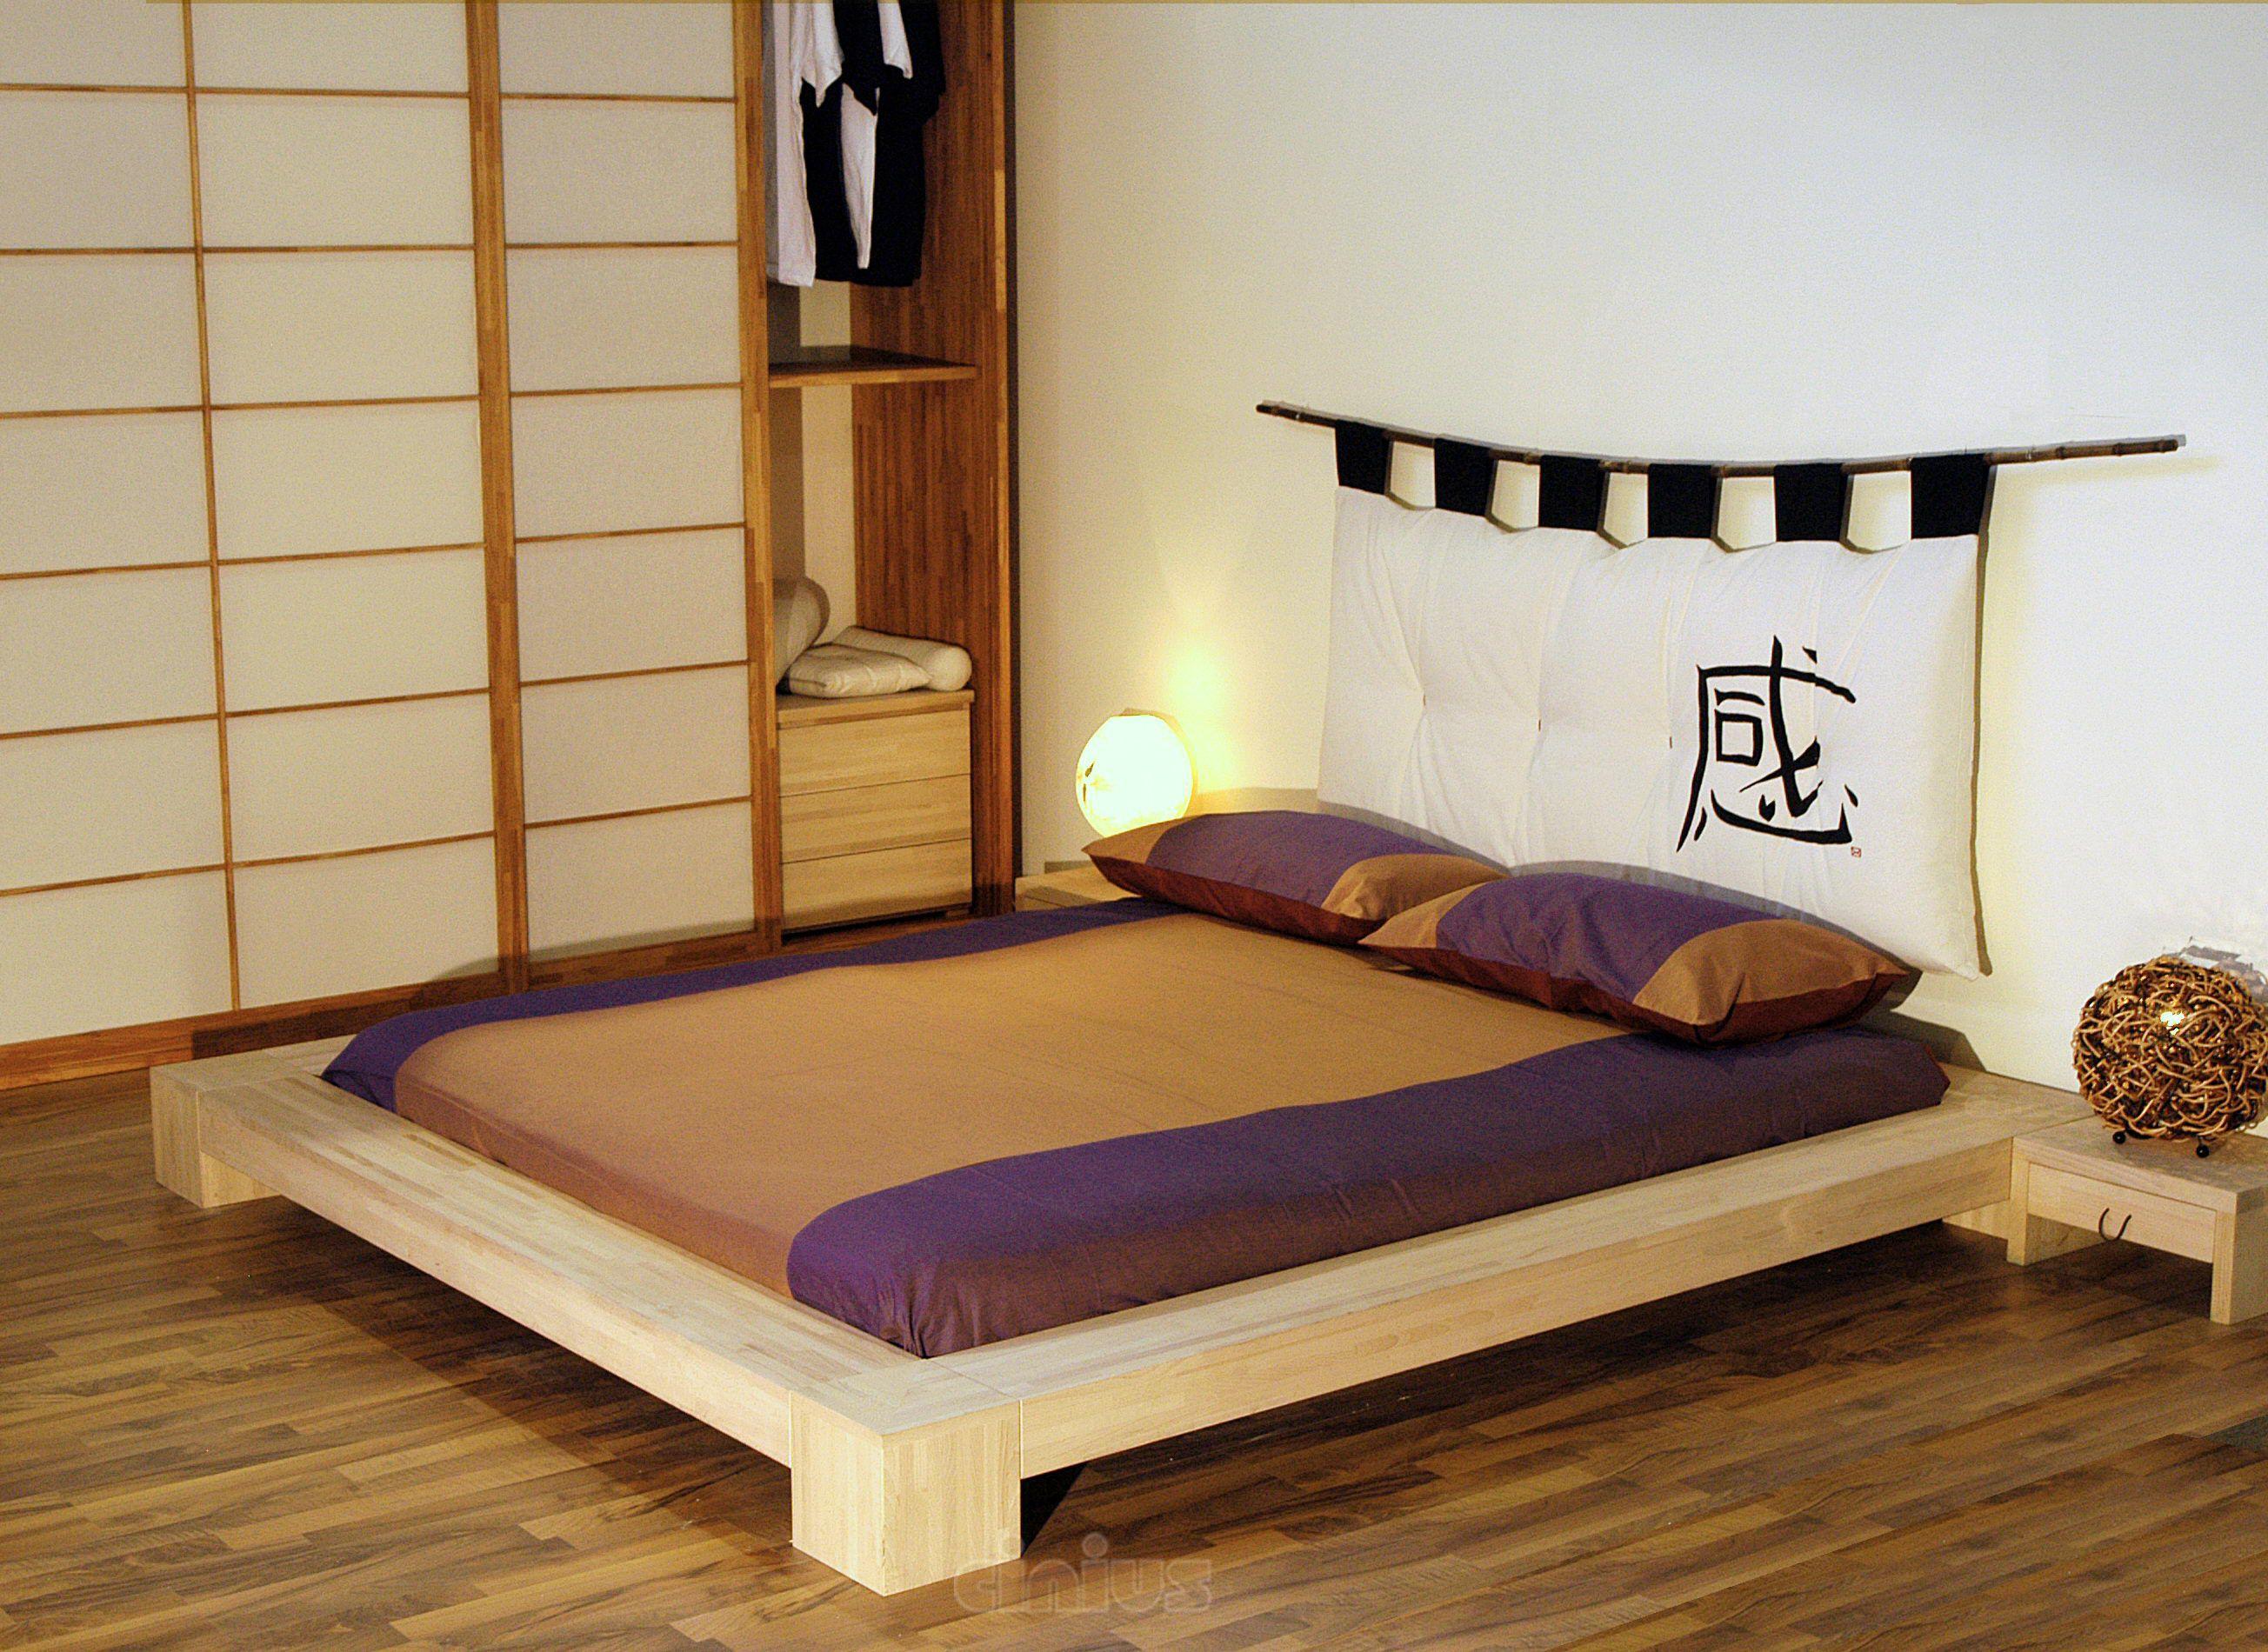 Interni moderni case - Letto matrimoniale giapponese ...